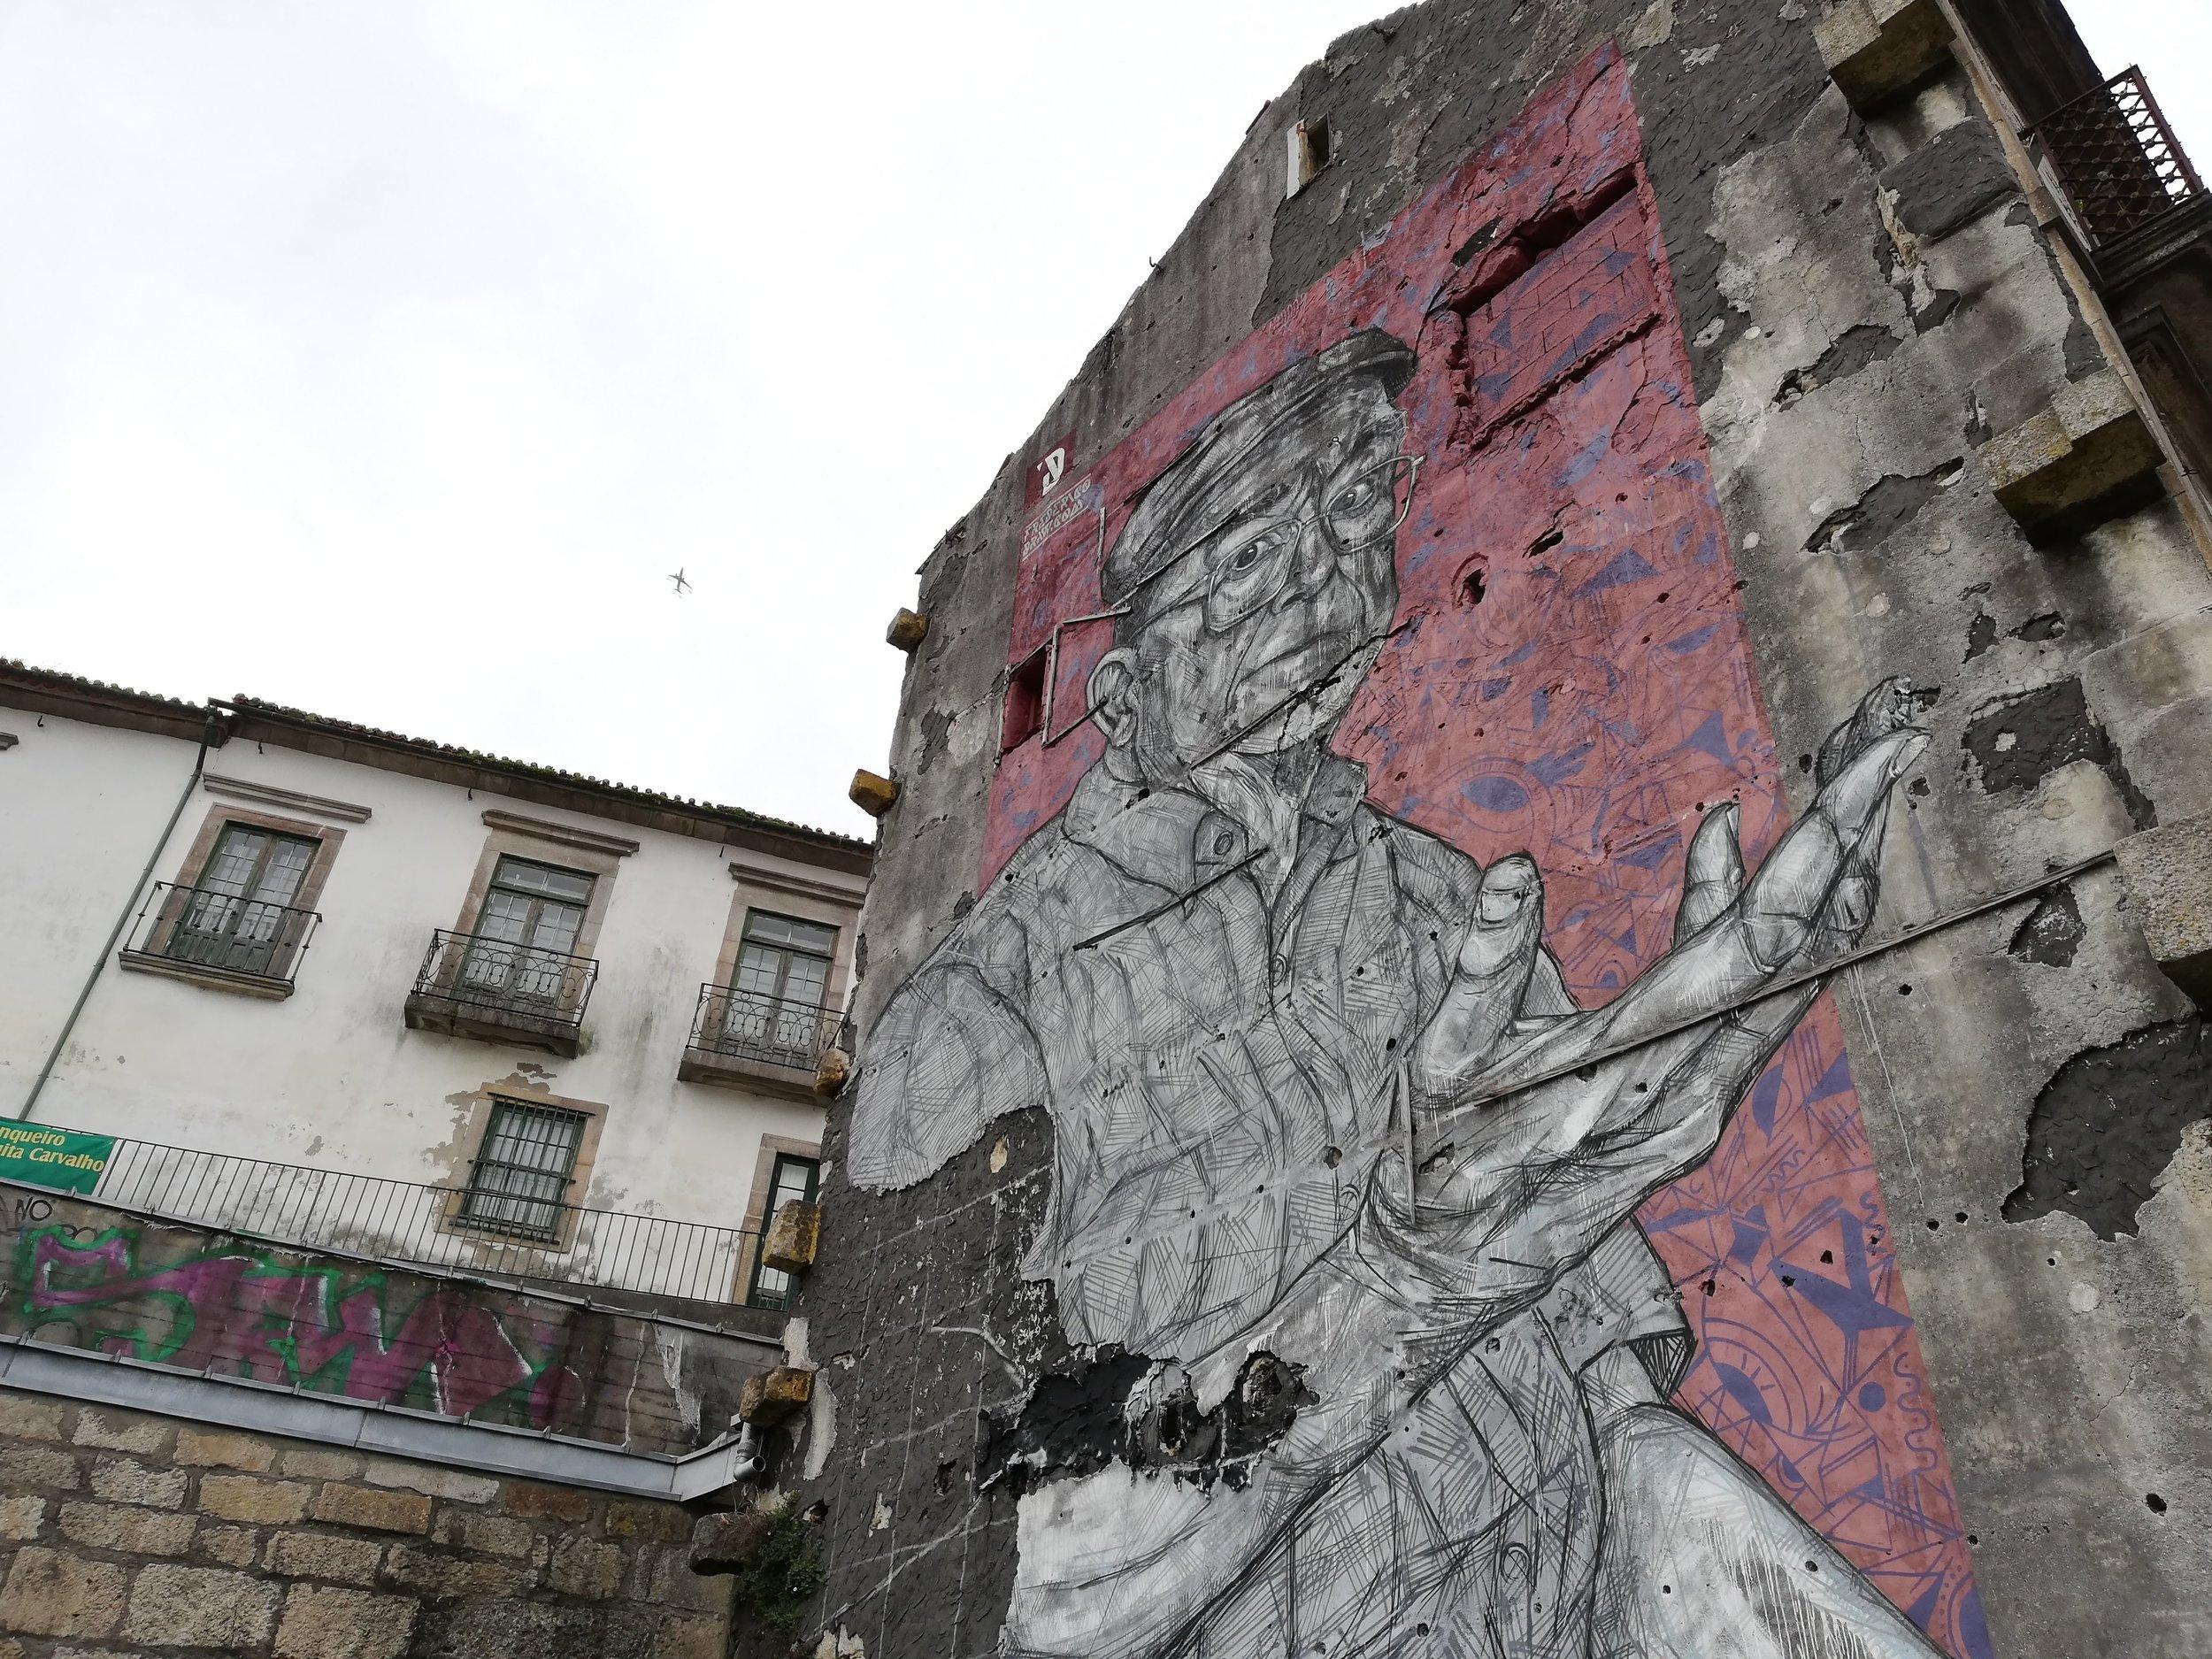 Porto, Portugal 2019